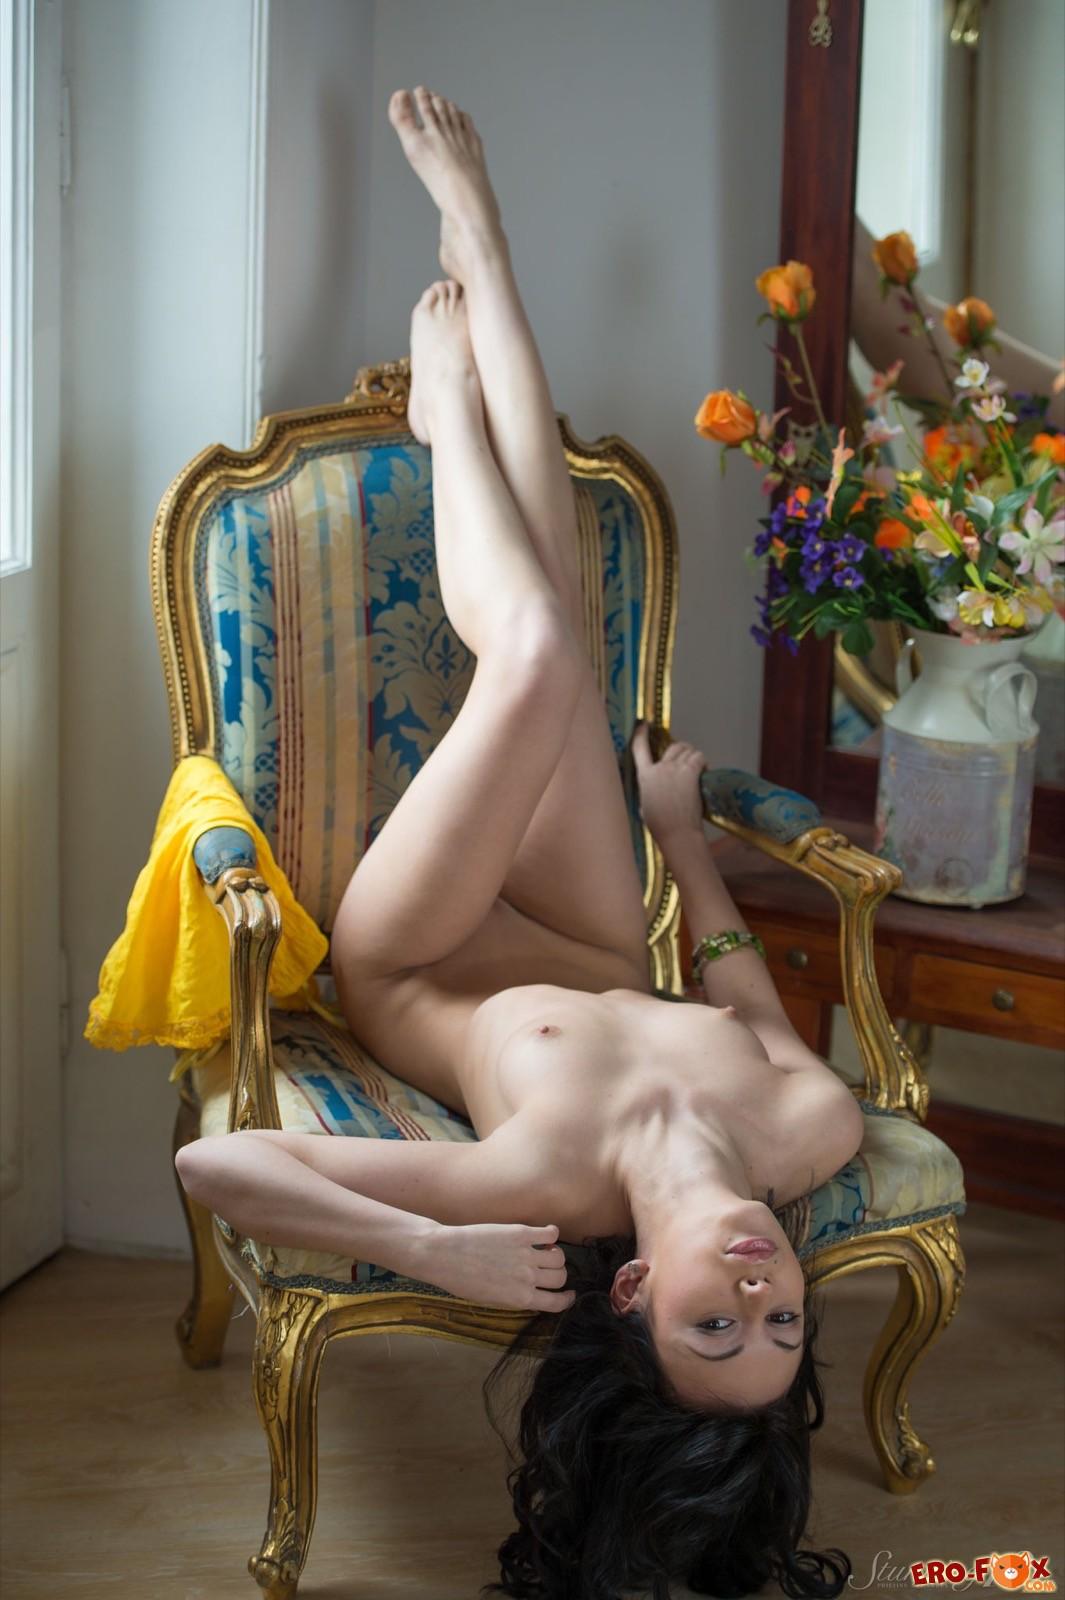 Сексуальная красотка возбуждающе позирует голой